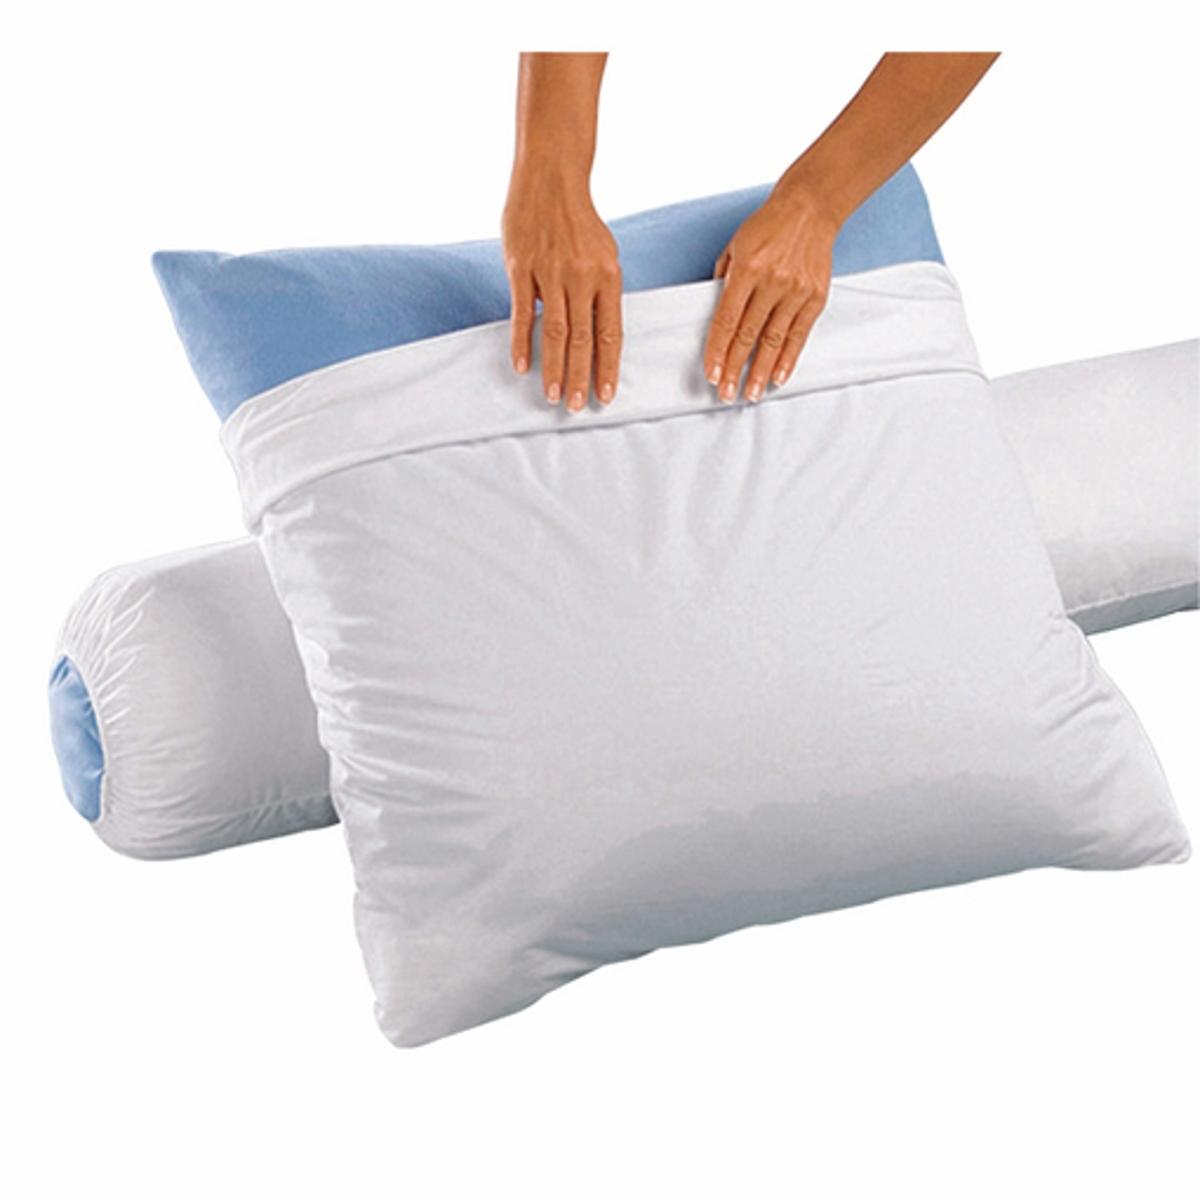 Чехол защитный для подушки, из джерси, водонепроницаемыйЧехол для подушки из джерси: защита для Ваших наволочек из экологически чистого материала, мягкого и нежного, пропускающего воздух и ультра-впитывающего.Описание:Эластичные ленты по краям.Характеритики:- Джерси 100% Тенсела® (лиоцелл),  водонепроницаемый слой полиуретана.- Натуральное экологически чистое волокно, производимое из целлюлозы (древесины эвкалипта), материал на 100% биоразлагаемый.- Микропористая структура, дышащие и абсорбирующие свойства.- Обработка Coolin® с двойным эффектом: впитывание влаги и длительное ощущение свежести.- Контроль температуры тела во время сна.- Мягкость, легкость, прочность и бесшумность материала.- Экологичный, биоразлагаемый и легкий в уходе материал.- Машинная стирка при температуре до 60°С.Размеры:40 x 60 см:  для детской подушки.50 x 70 см:  для прямоугольной подушки.60 x 60 см: для квадратной подушки.65 x 65 см: для квадратной подушки.<br><br>Цвет: белый<br>Размер: 65 x 65  см.50 x 70  см